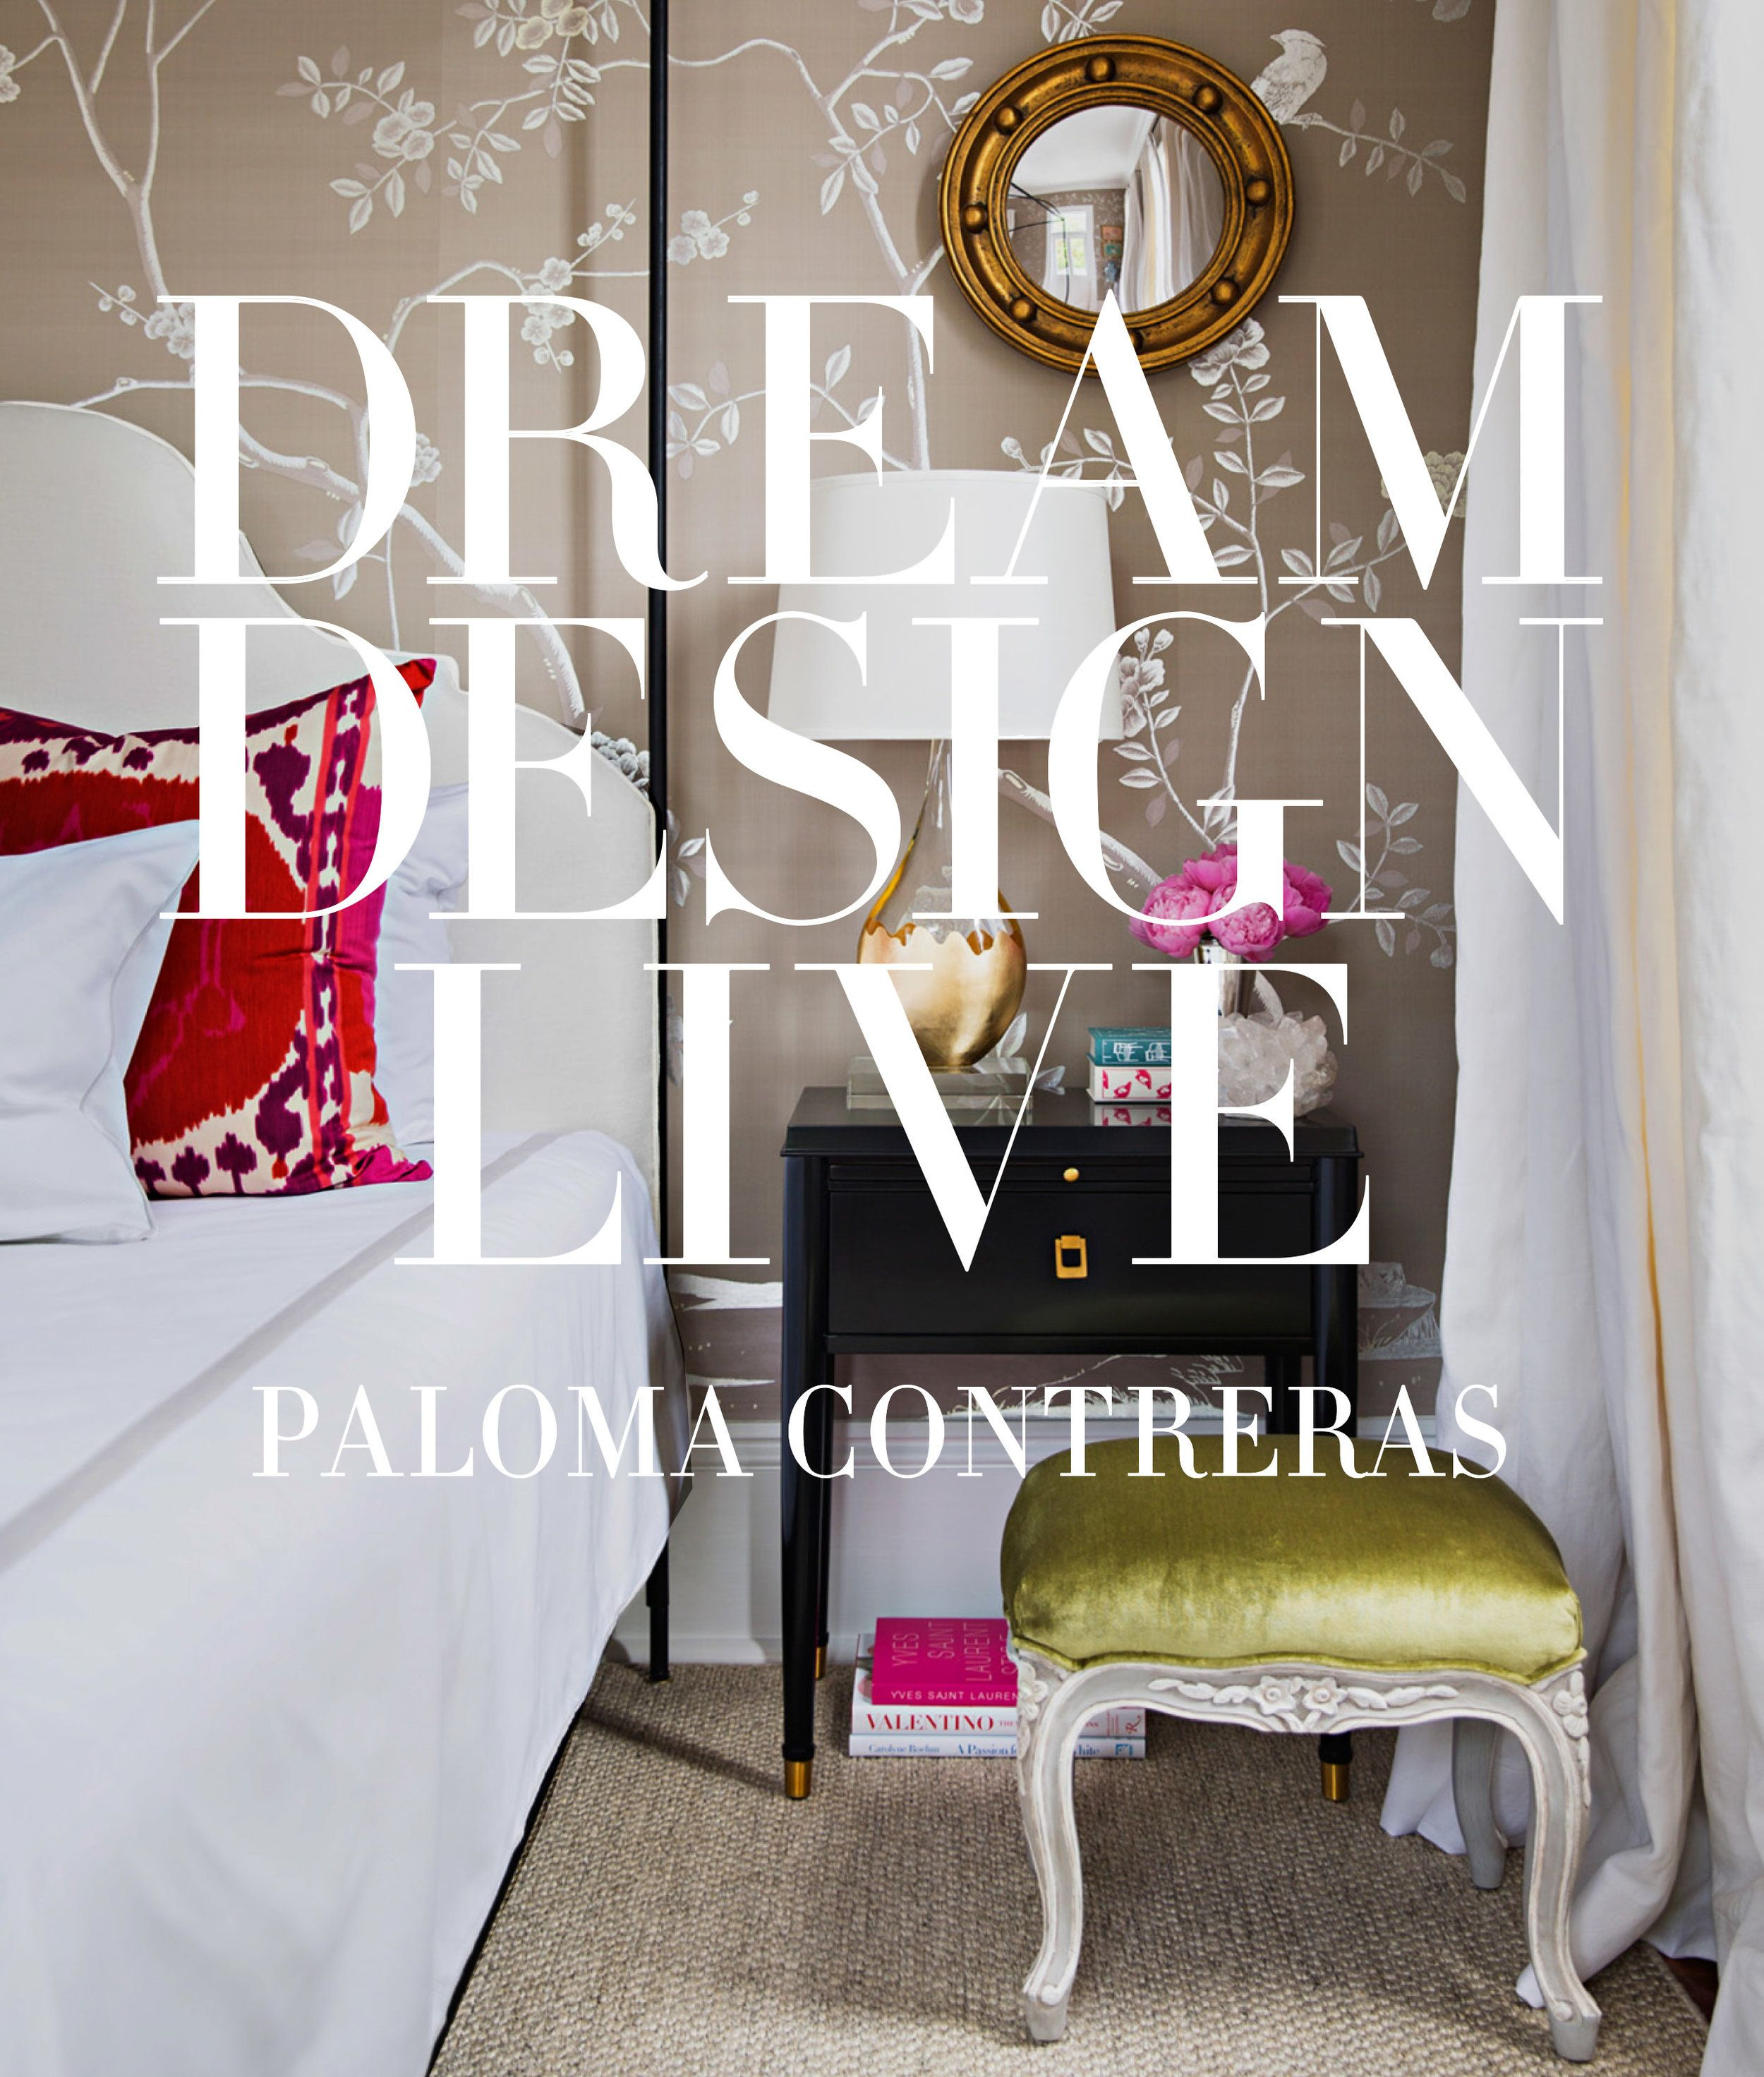 Dream Design Live by Paloma Contreras coffee table book ...